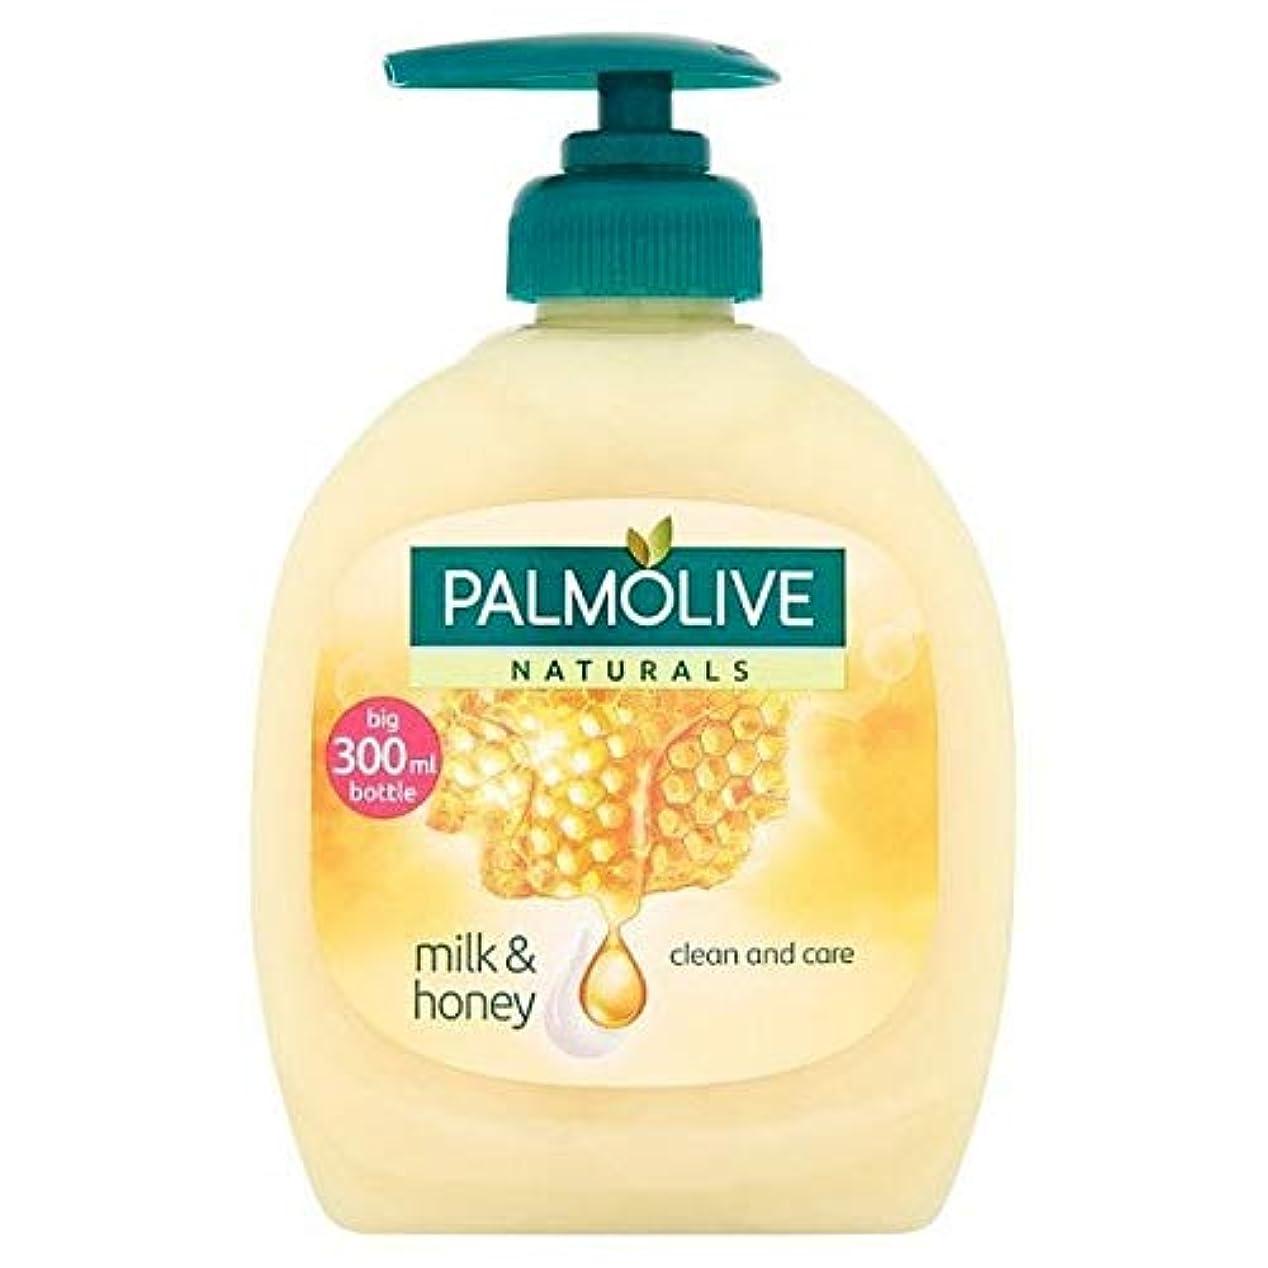 無意味腐敗価格[Palmolive ] パルモ液体ハンドソープ乳と蜜の300ミリリットル - Palmolive Liquid Hand Soap Milk And Honey 300ml [並行輸入品]